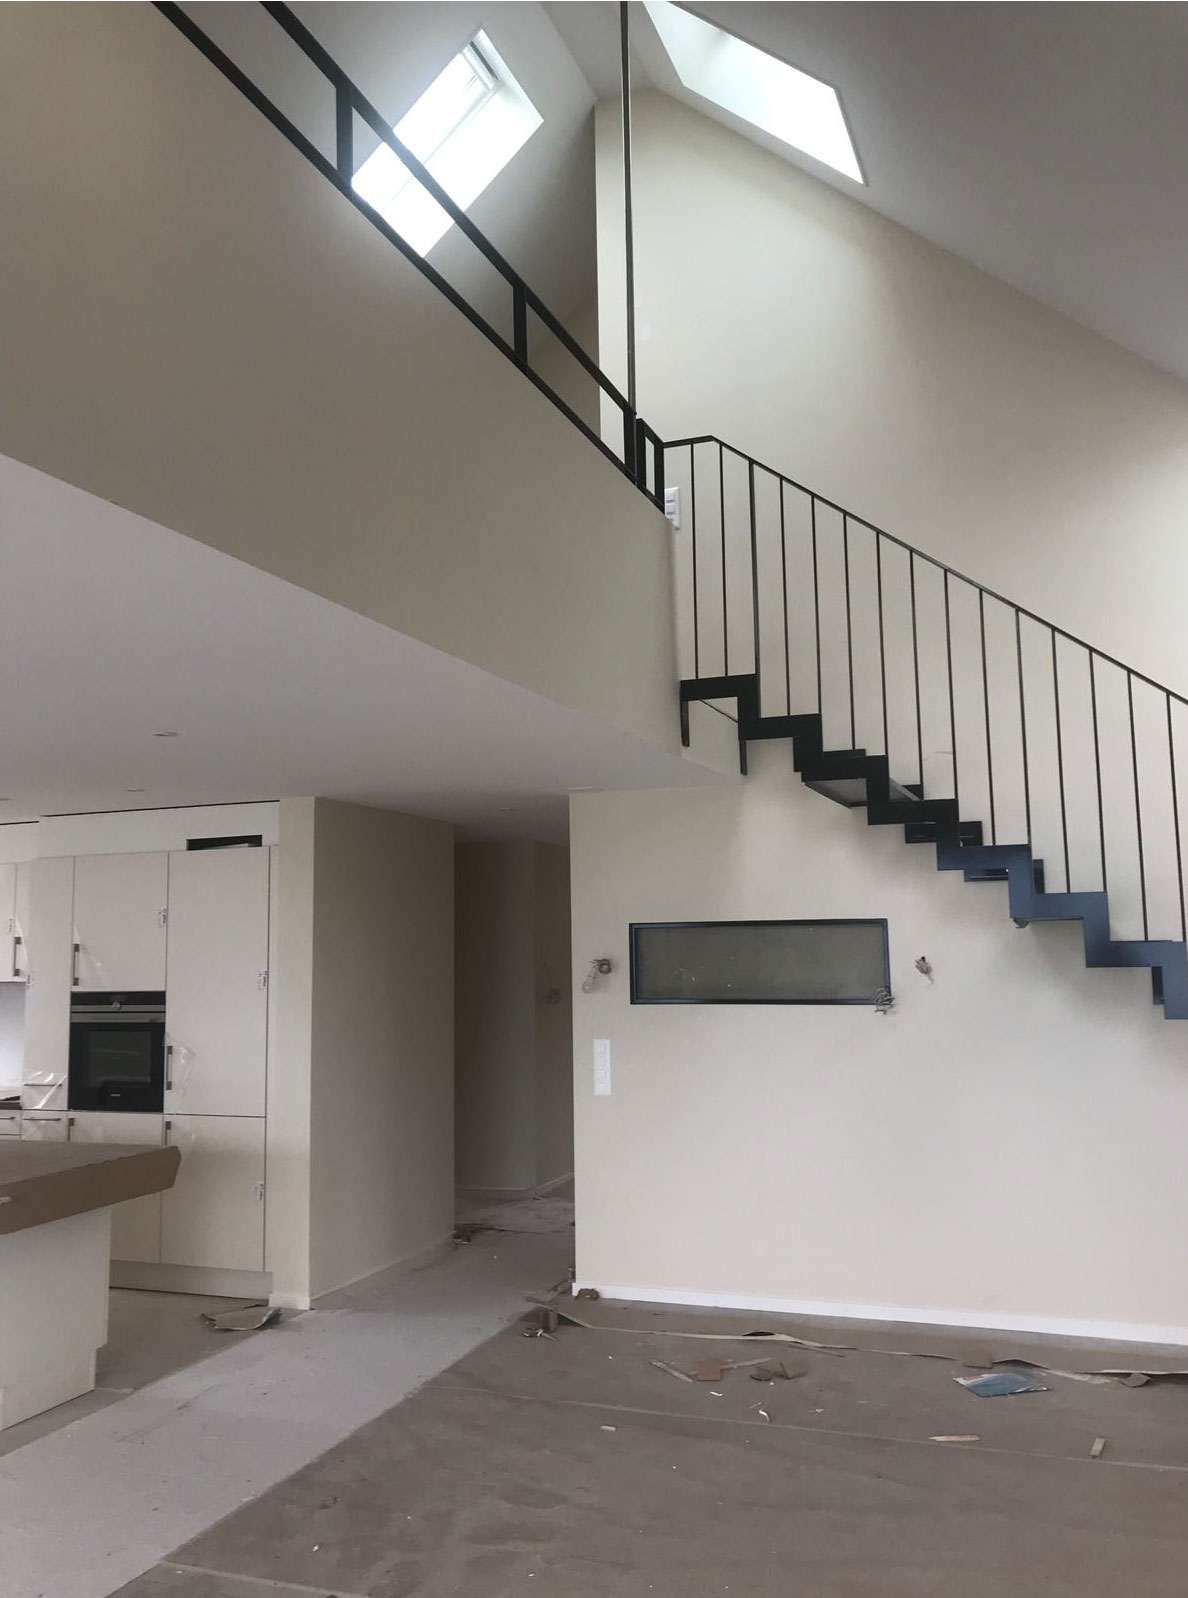 démolition et construction d'un immeuble de 3 appartements à corseaux - vaud - escalier